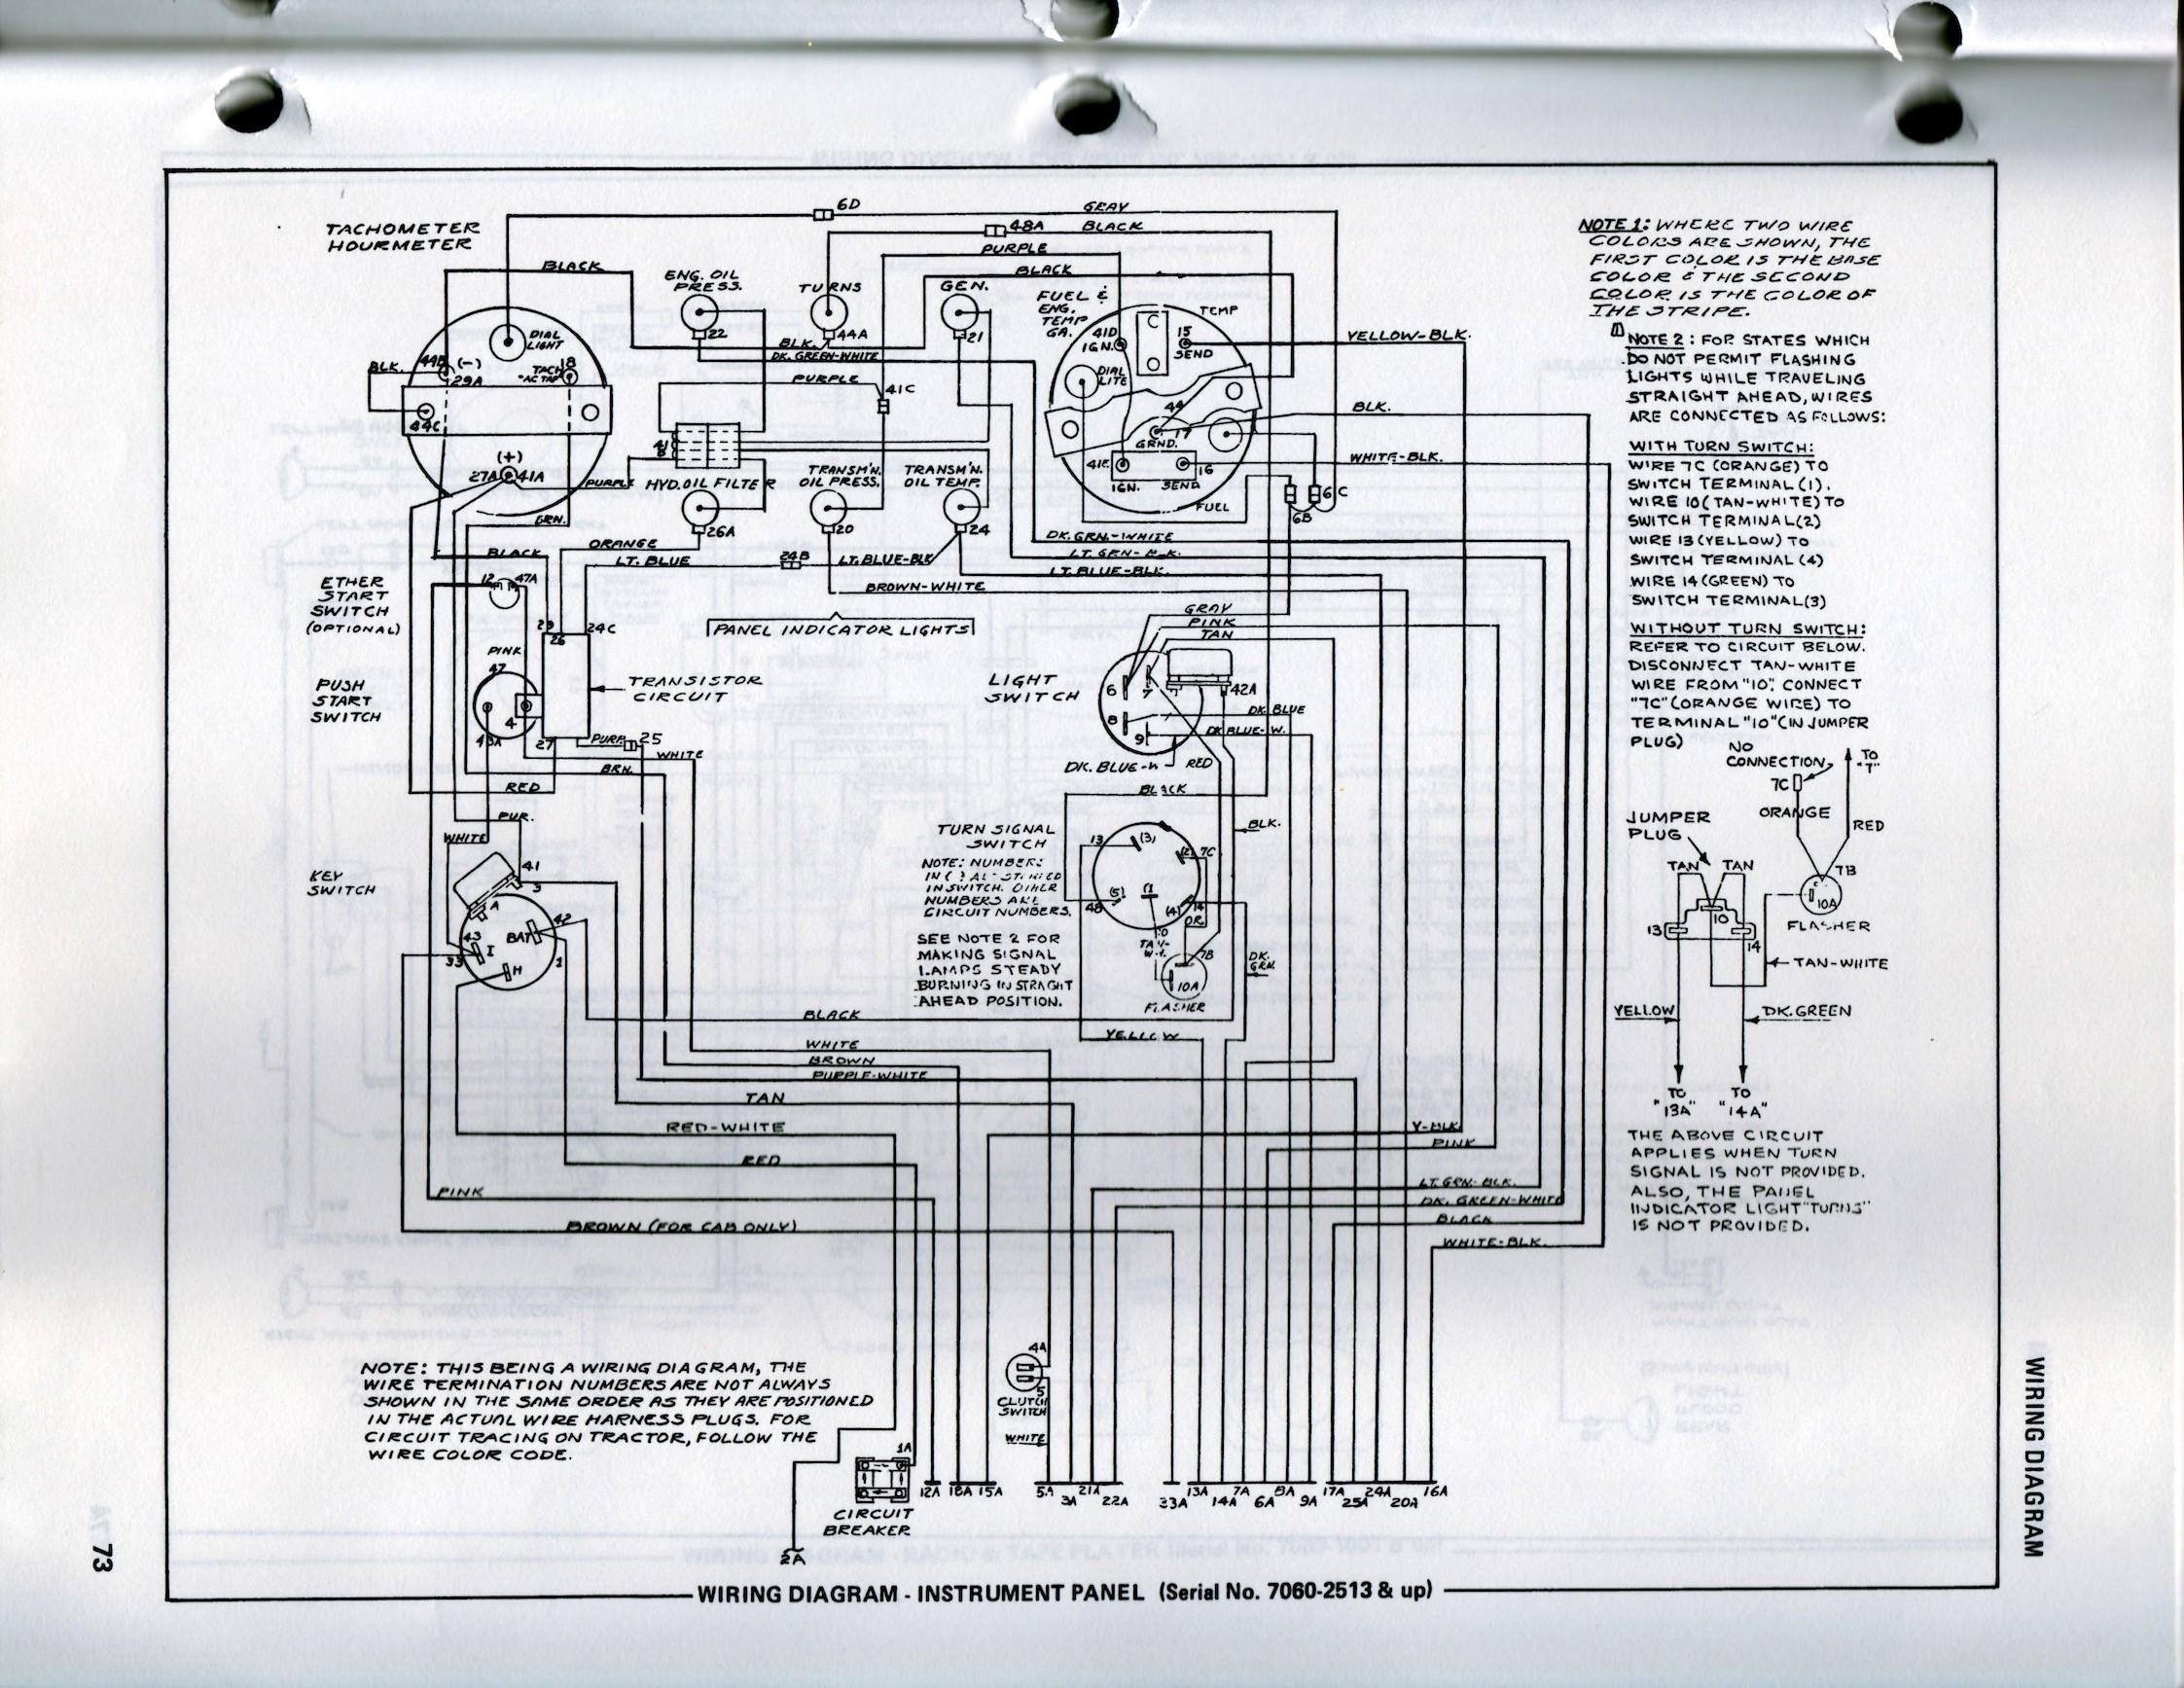 Coats 1150-2d Wiring Diagm Diagram] Coolpad 7060 Schematic Diagram Full Version Hd Of Coats 1150-2d Wiring Diagm